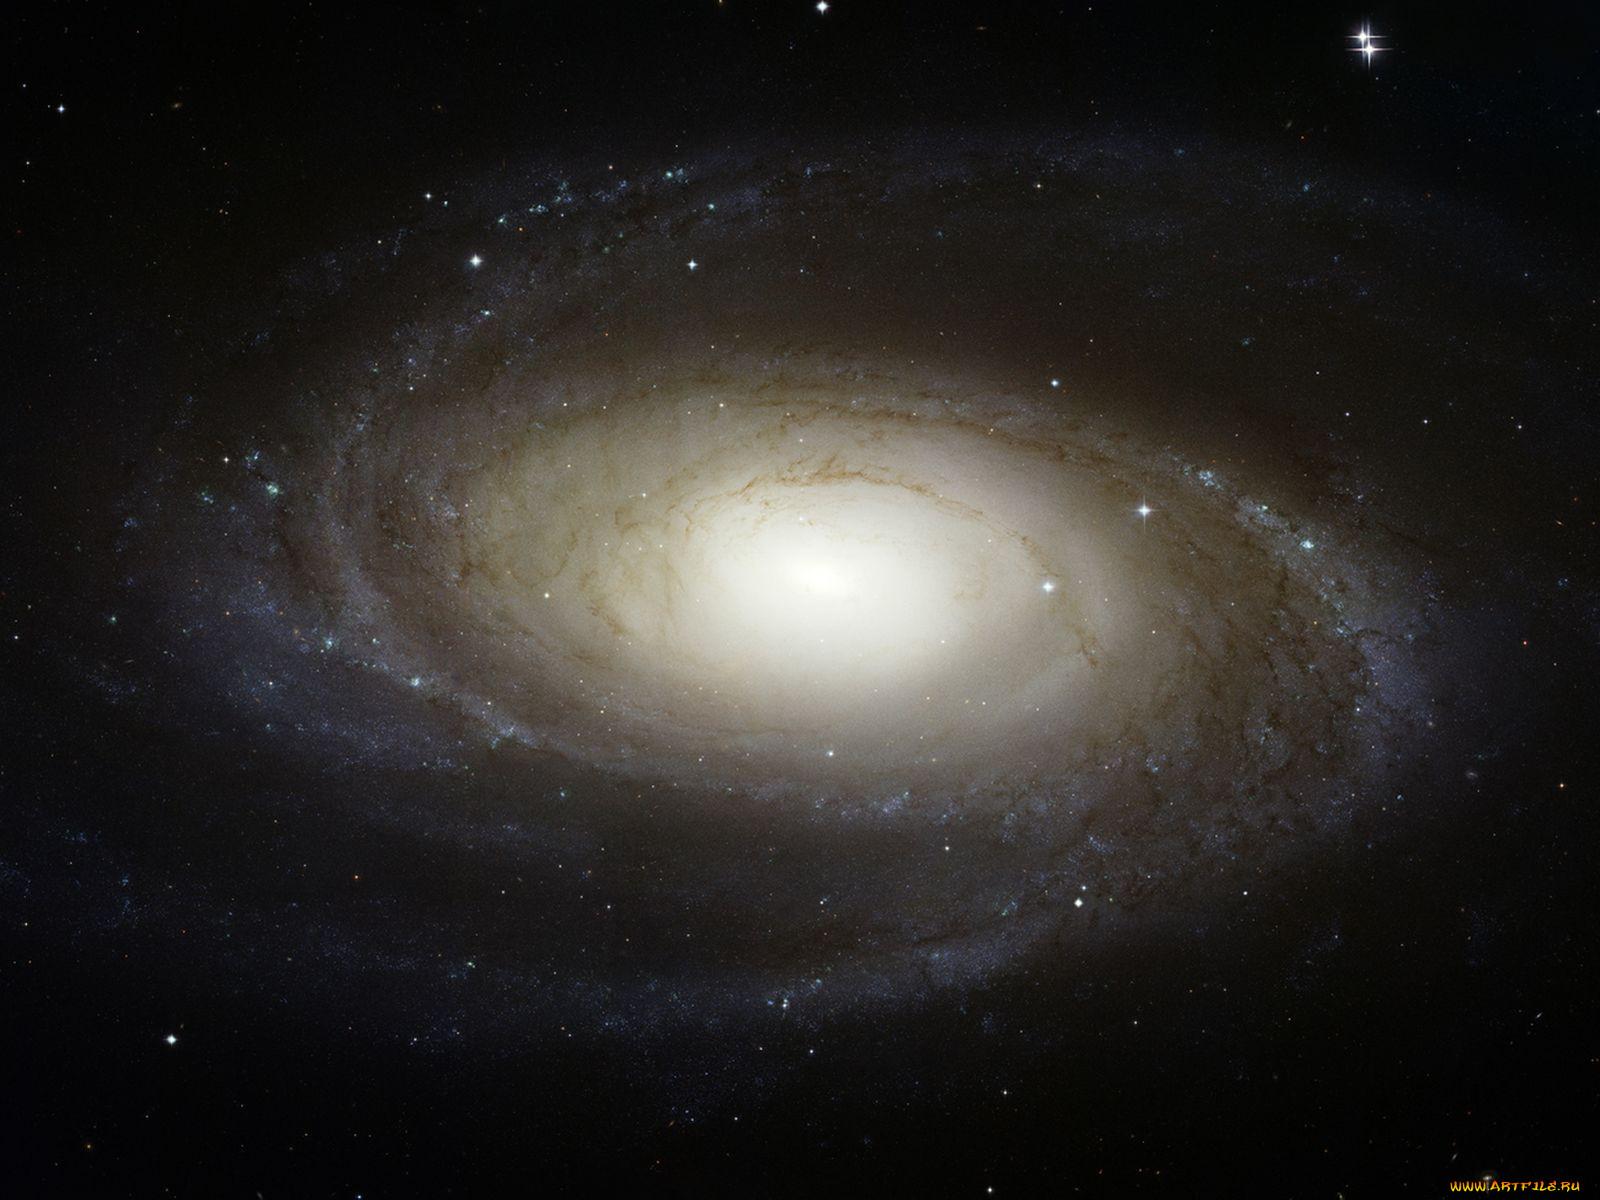 галактика, m81, космос, галактики, туманности